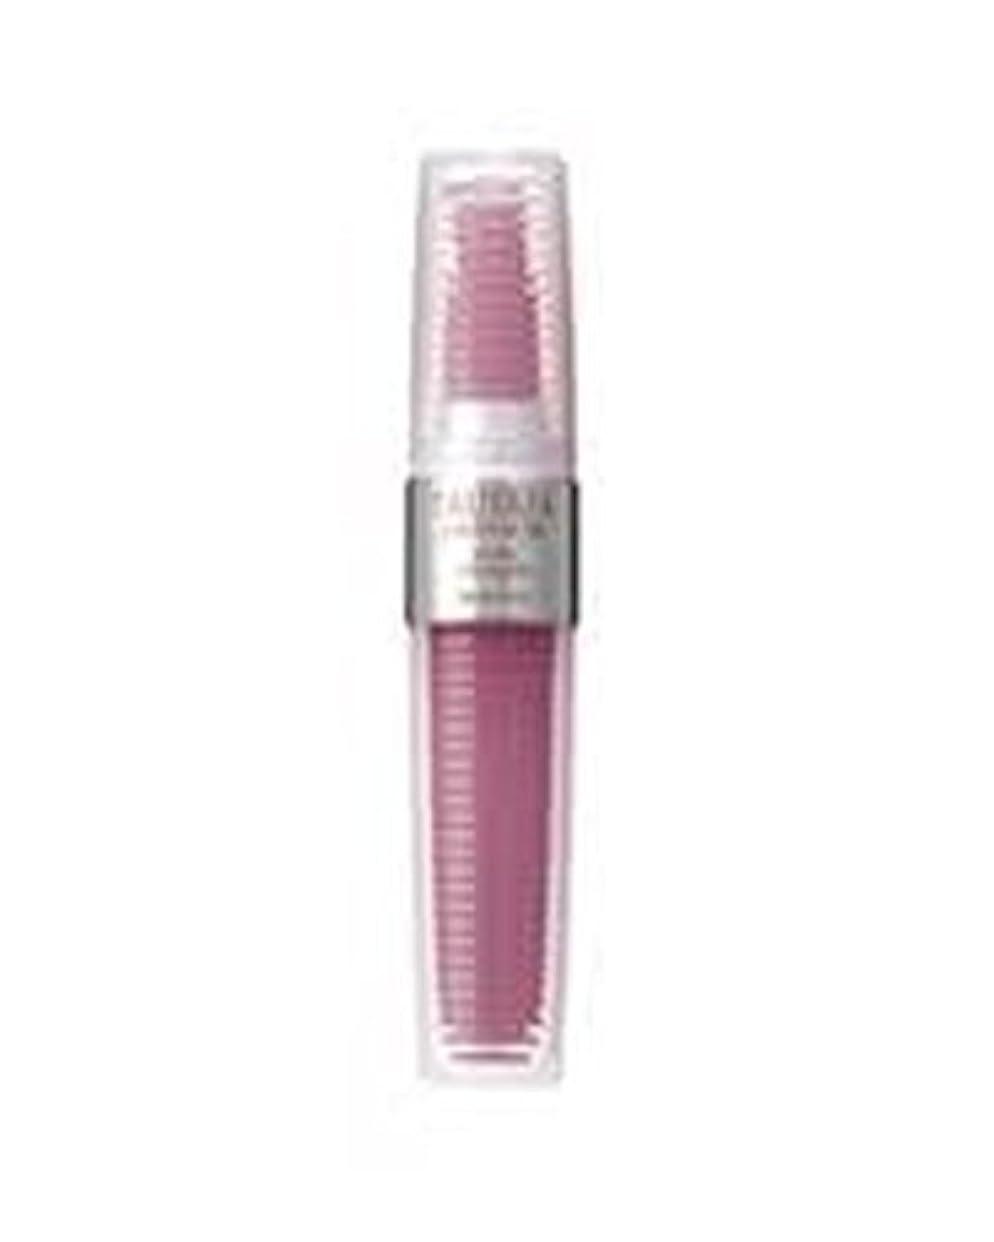 ナリス化粧品 トゥルーリア リミッションWR リンクルコアエッセンス 42ml